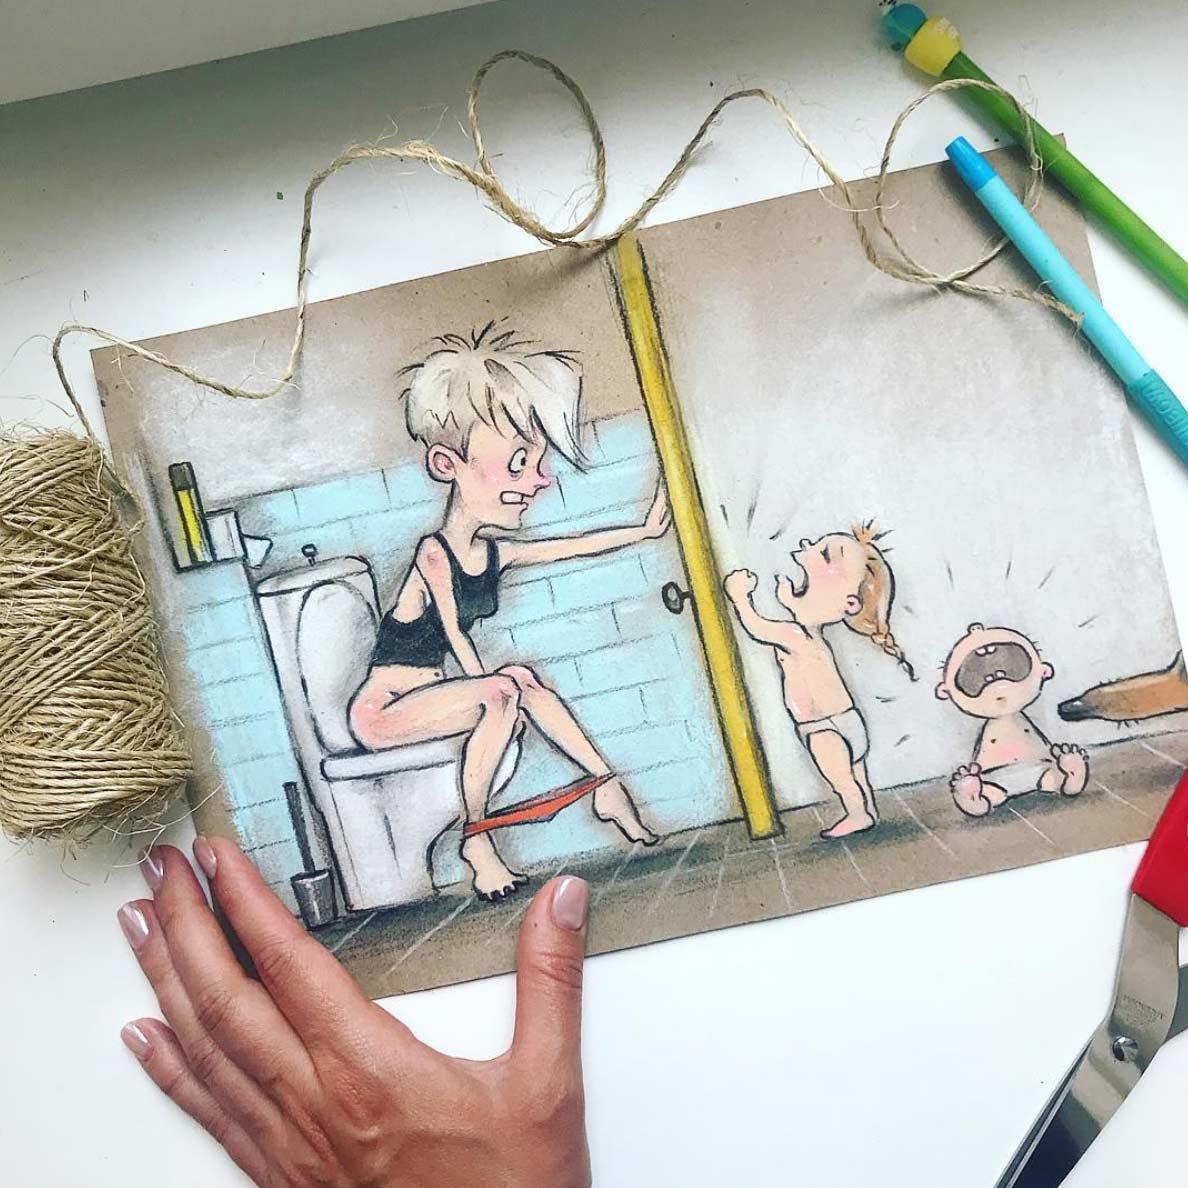 Gezeichnet vom Elterndasein Maria-Gorbunova-gezeichnetes-elterndasein_09